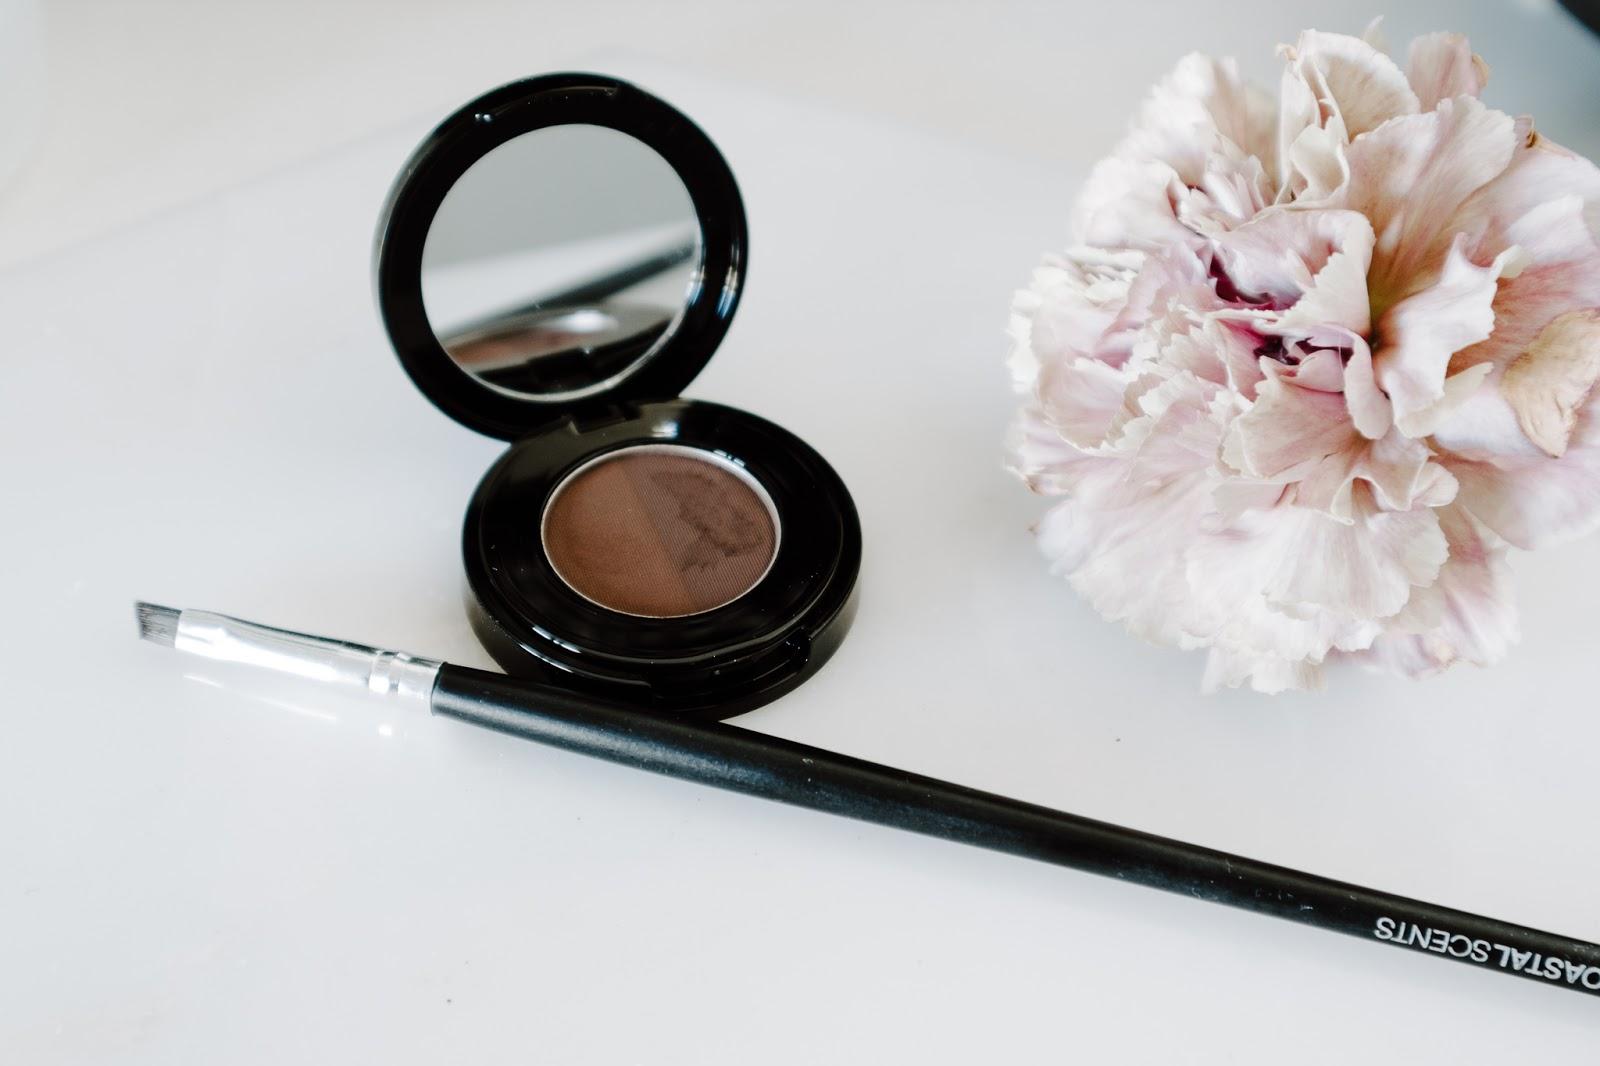 kulmaväri, puuterimainen tuote, kosmetiikka, meikki,